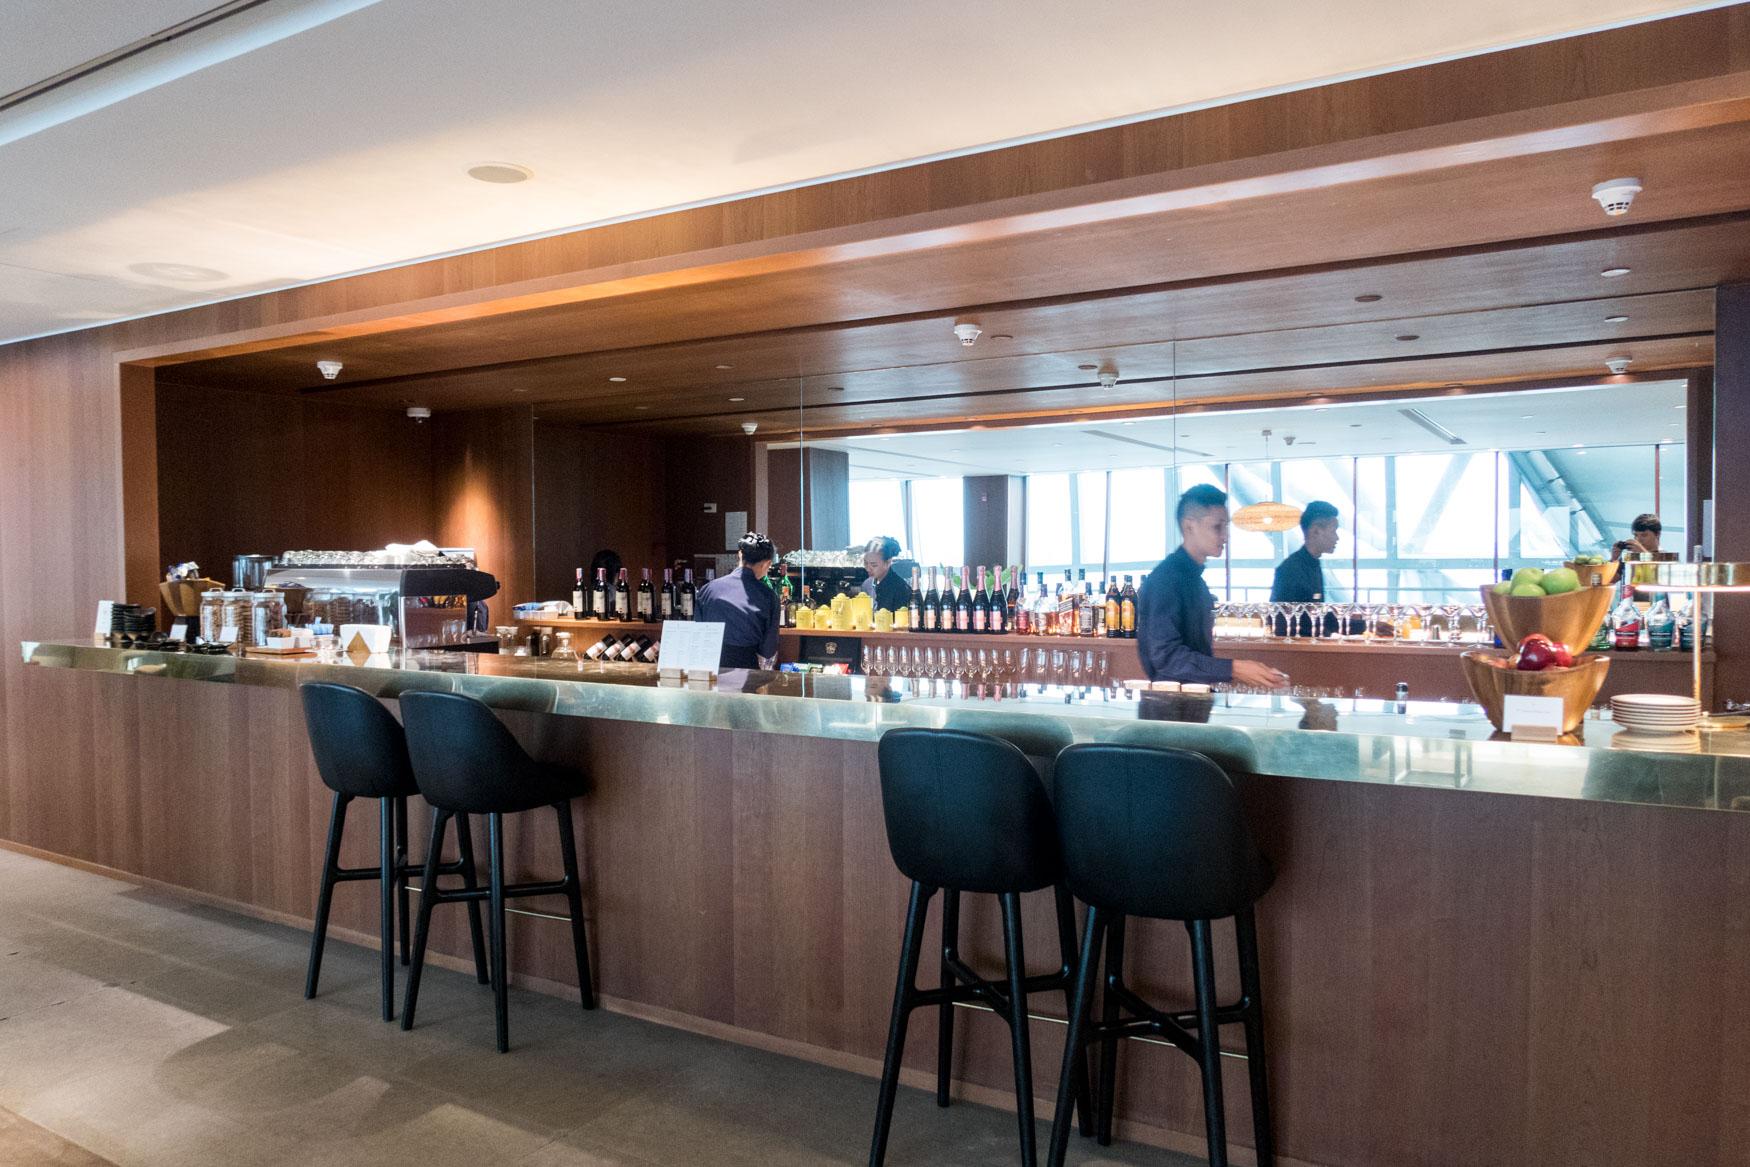 Cathay Pacific Lounge Bangkok The Bar